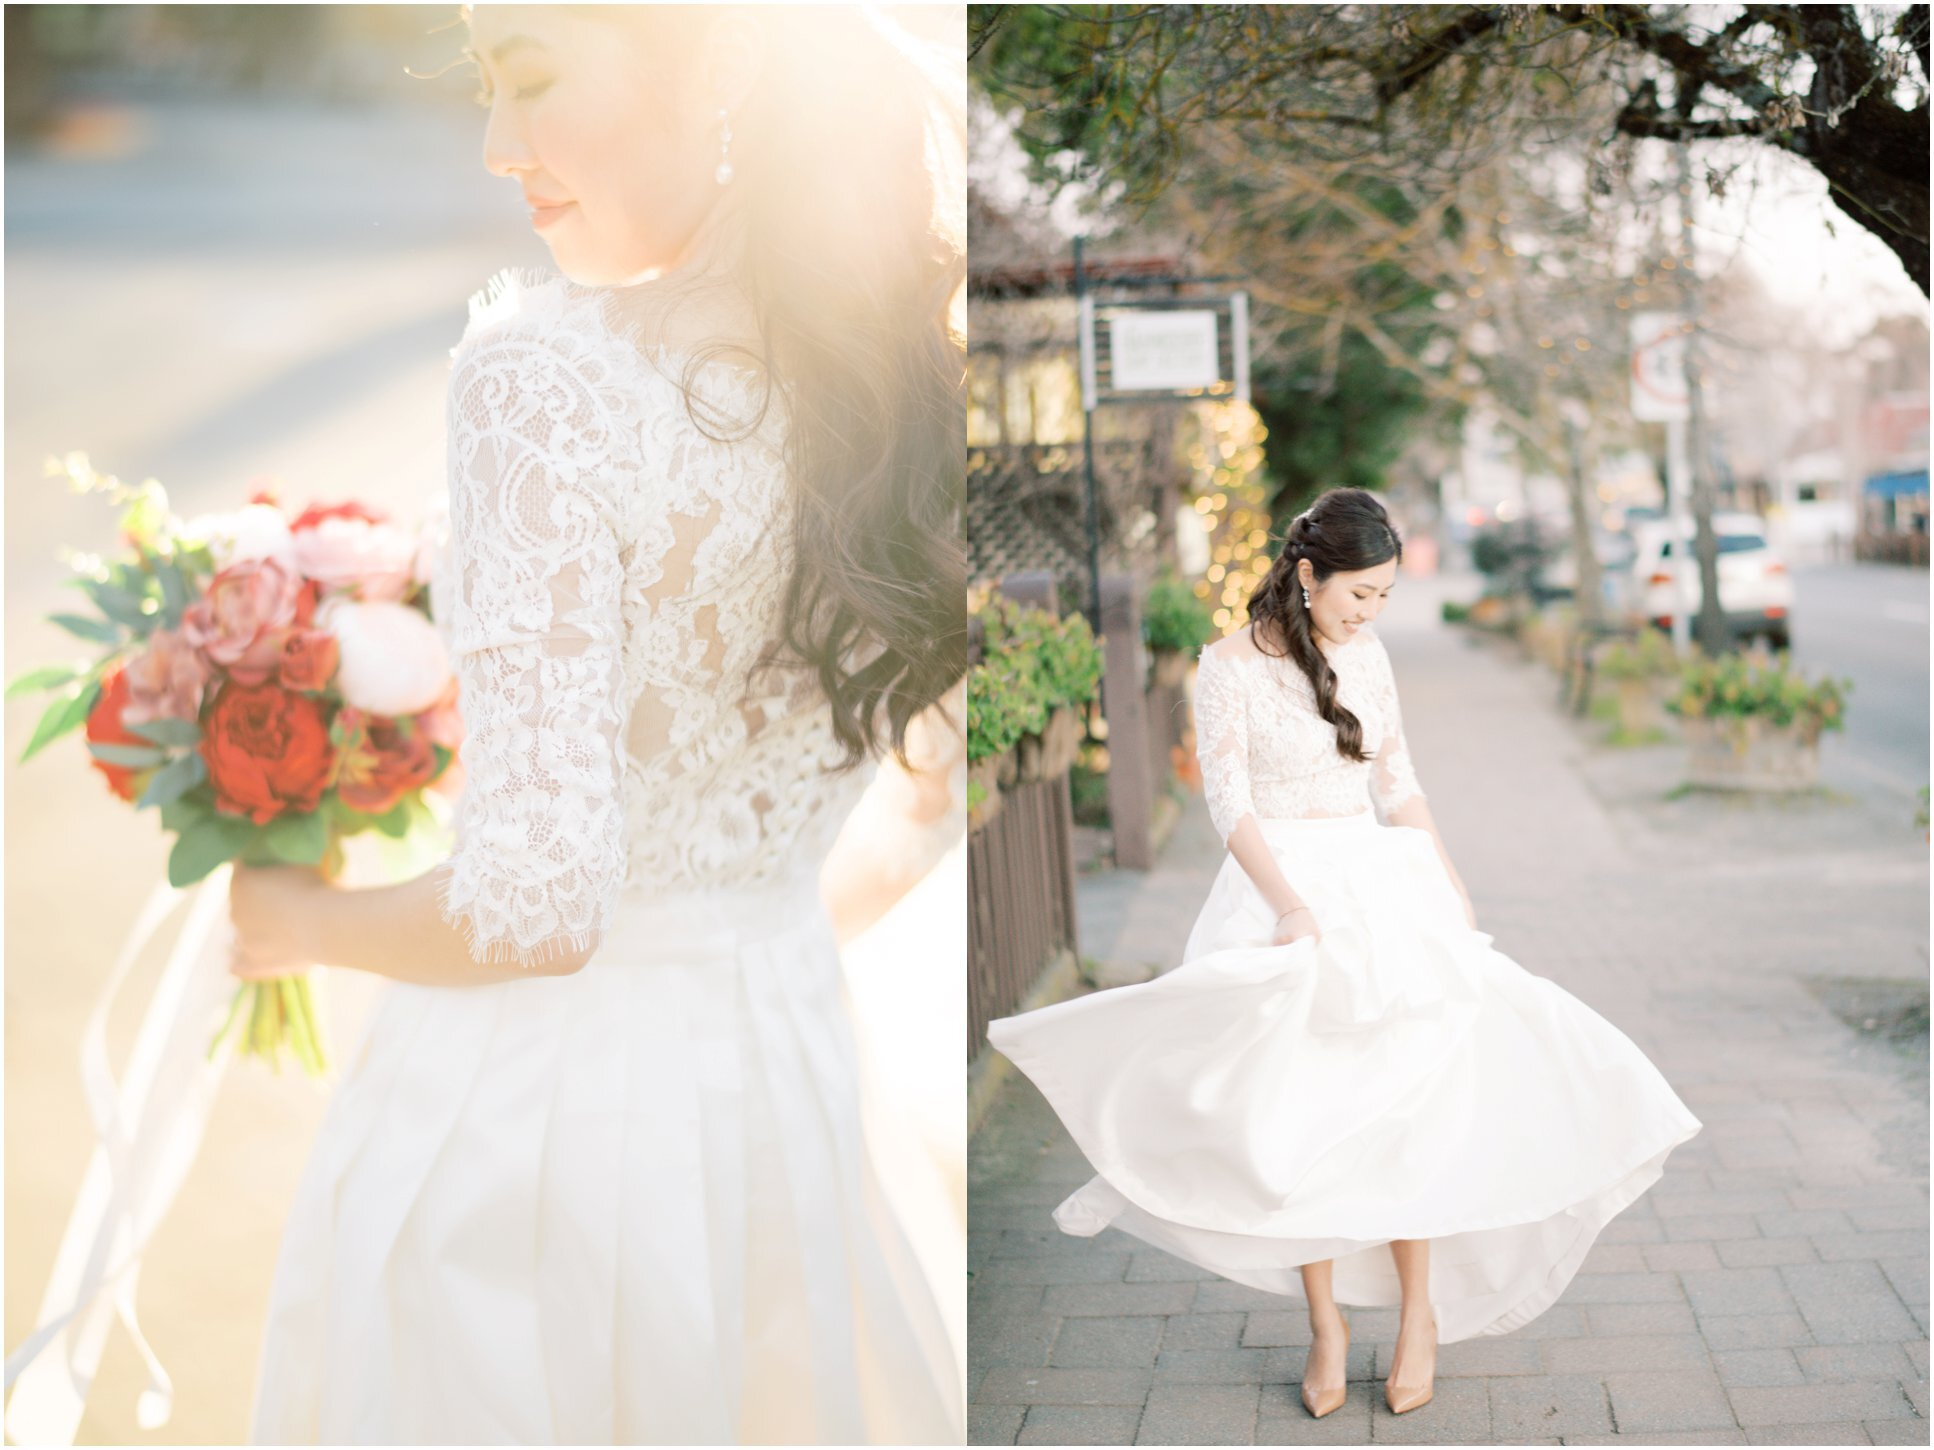 Pre wedding Photographer Adelaide SA